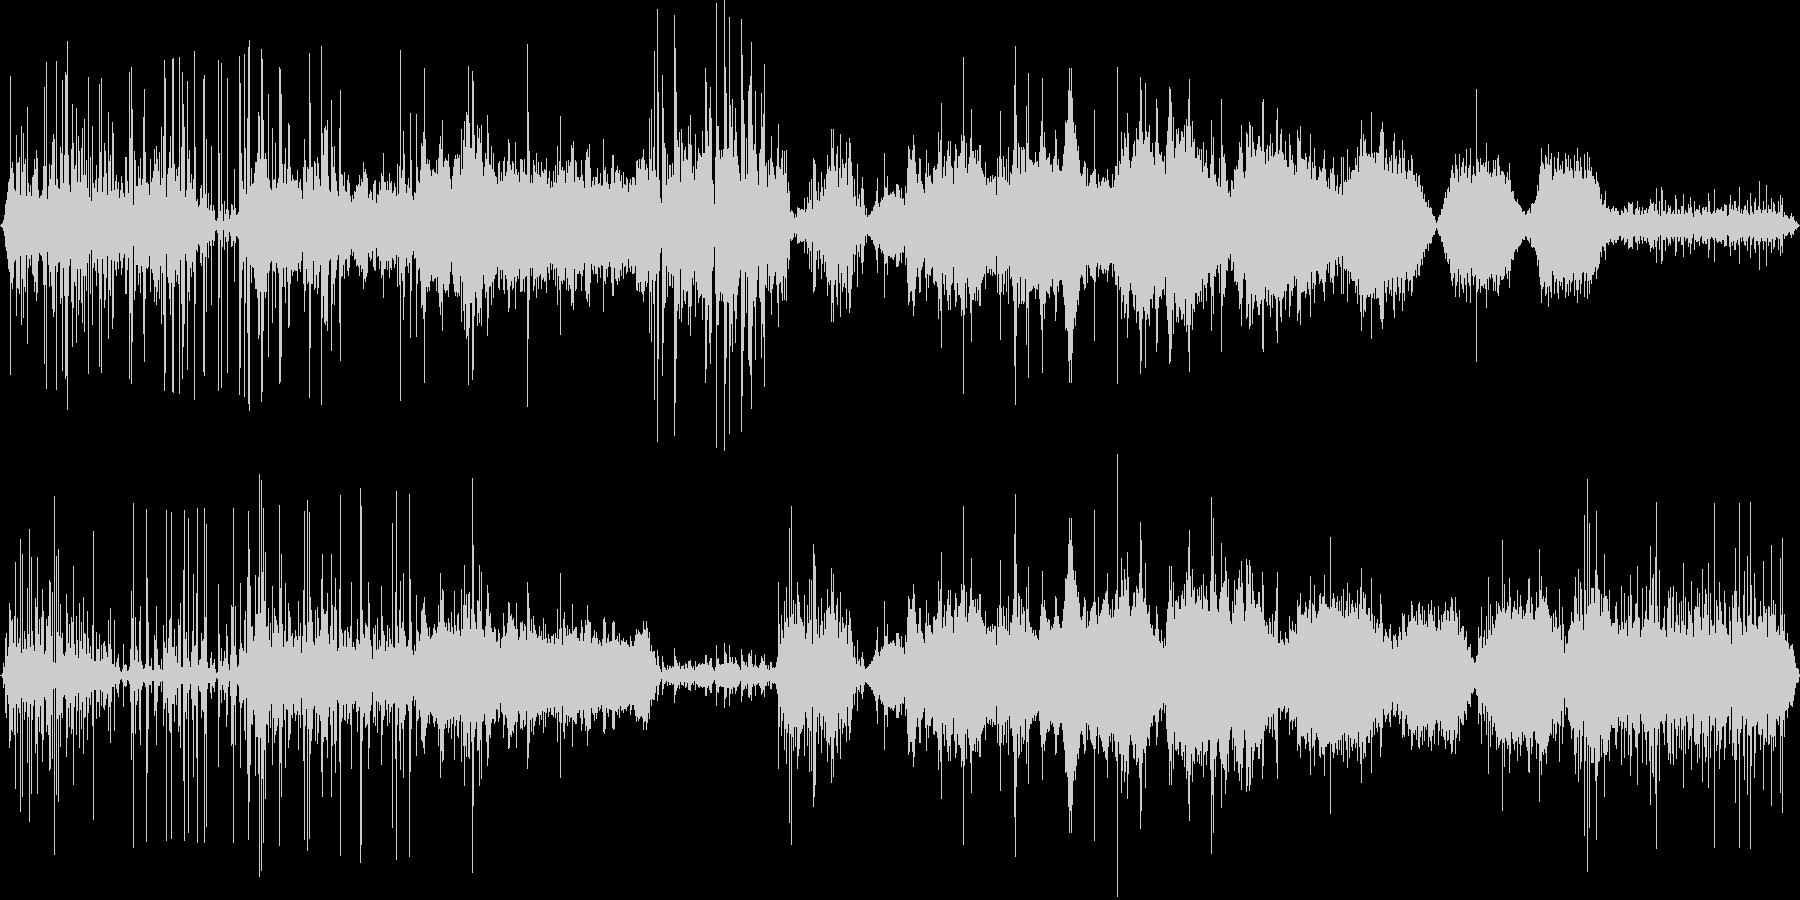 コポコポコポといった水中で聴こえる音の未再生の波形